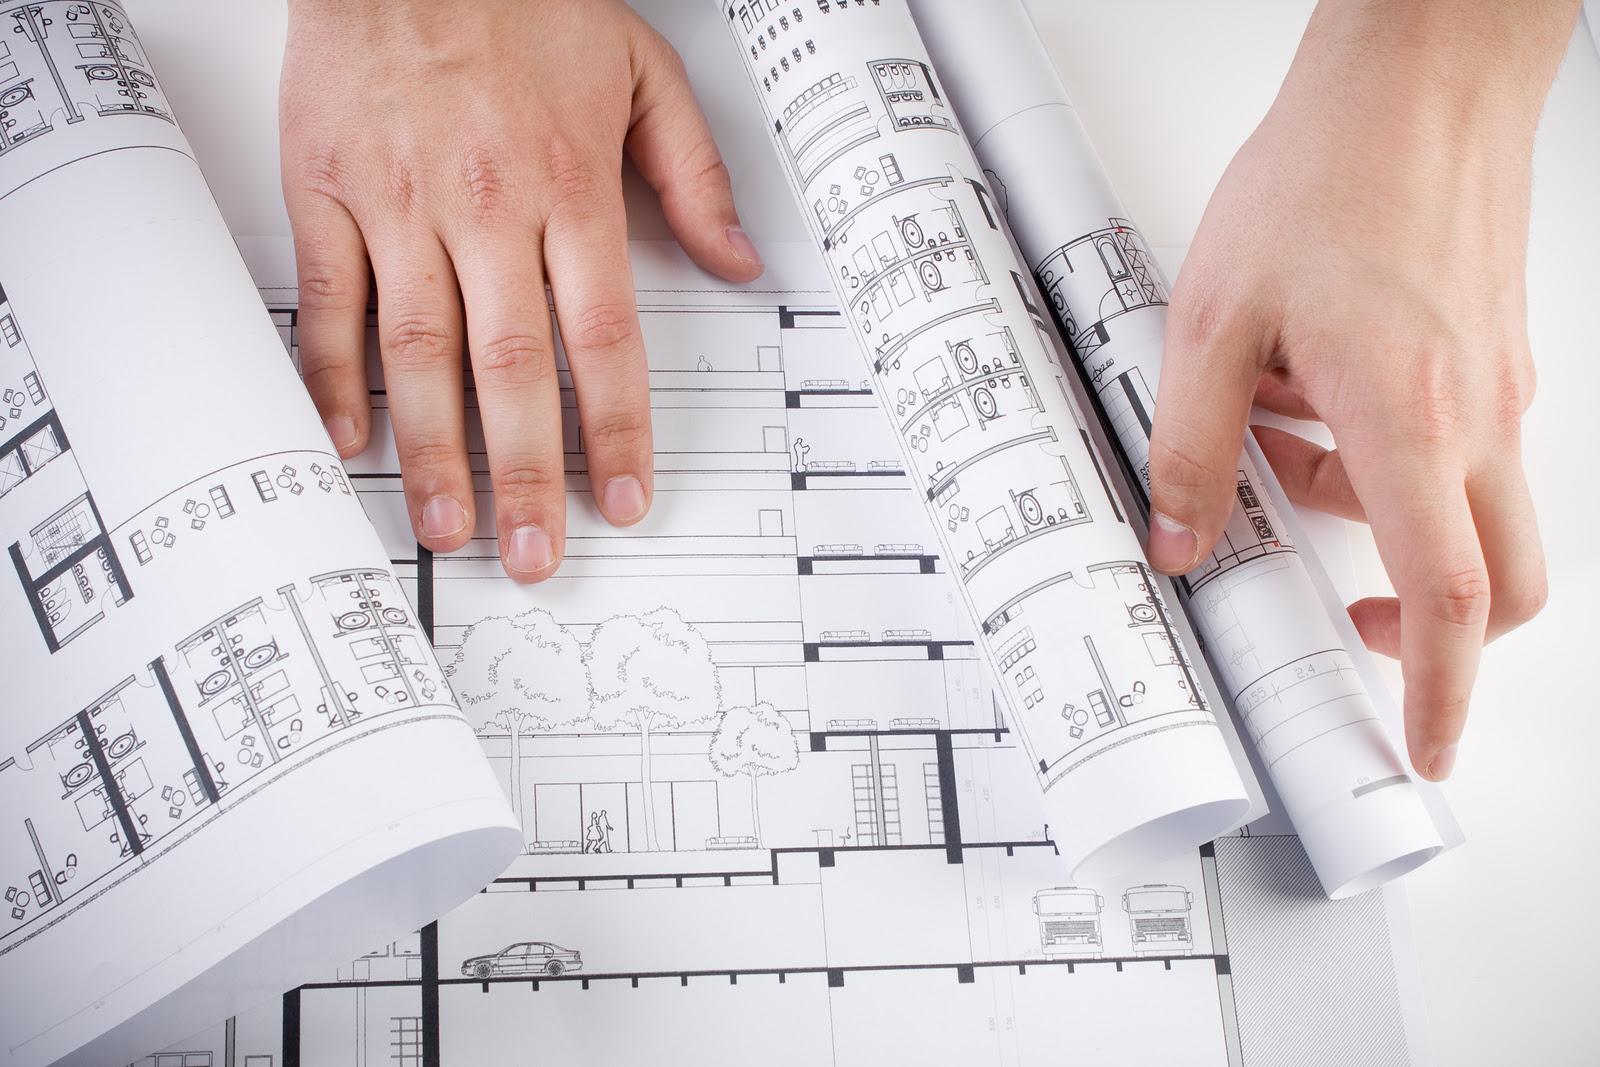 El método más efectivo para leer los planes de construcción